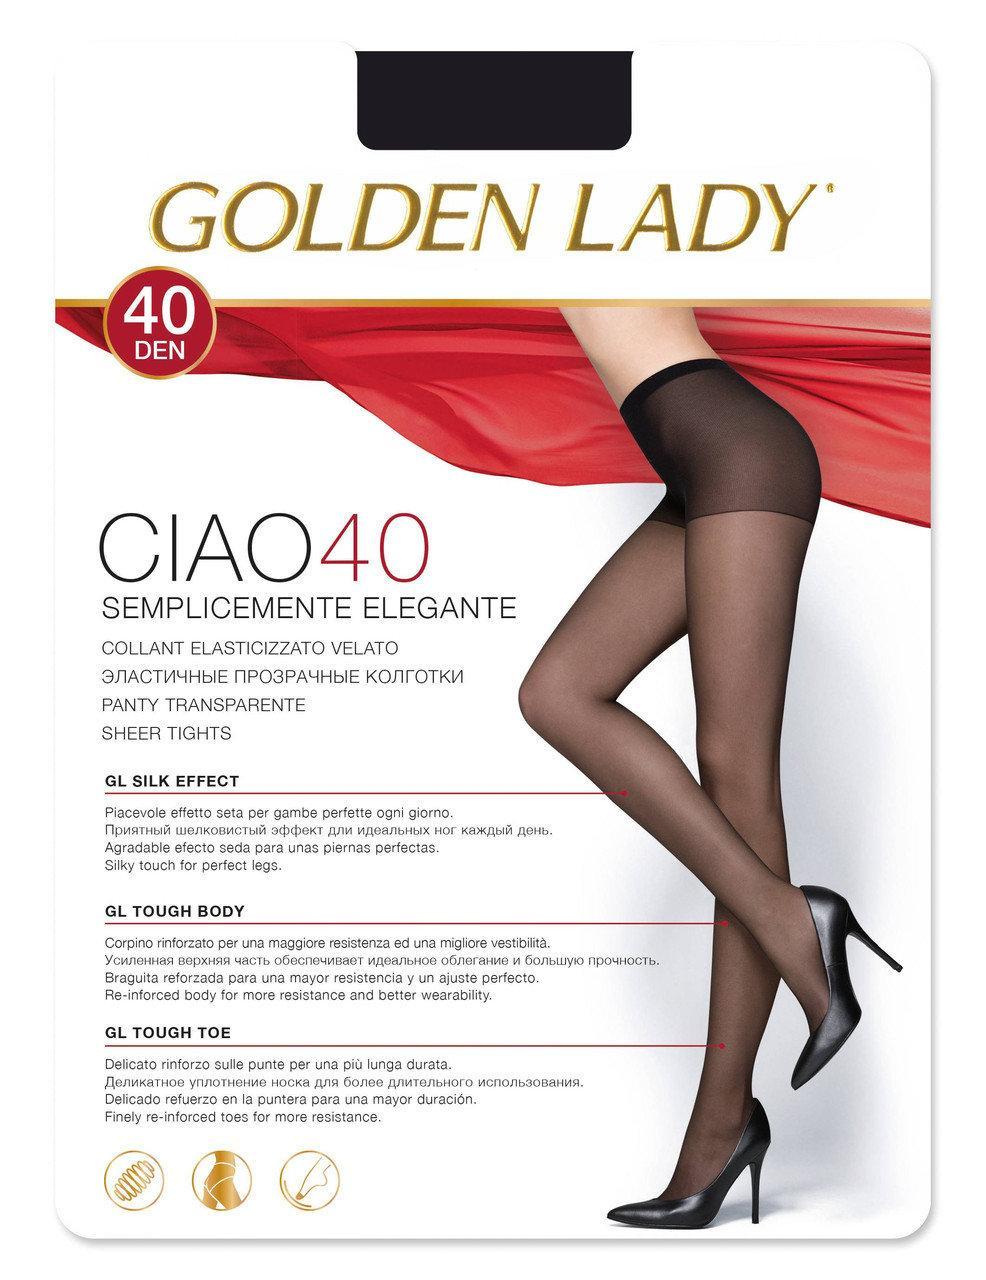 Колготки женские Golden Lady Ciao 40 den, все размеры, в се цвета, колготки Omsa